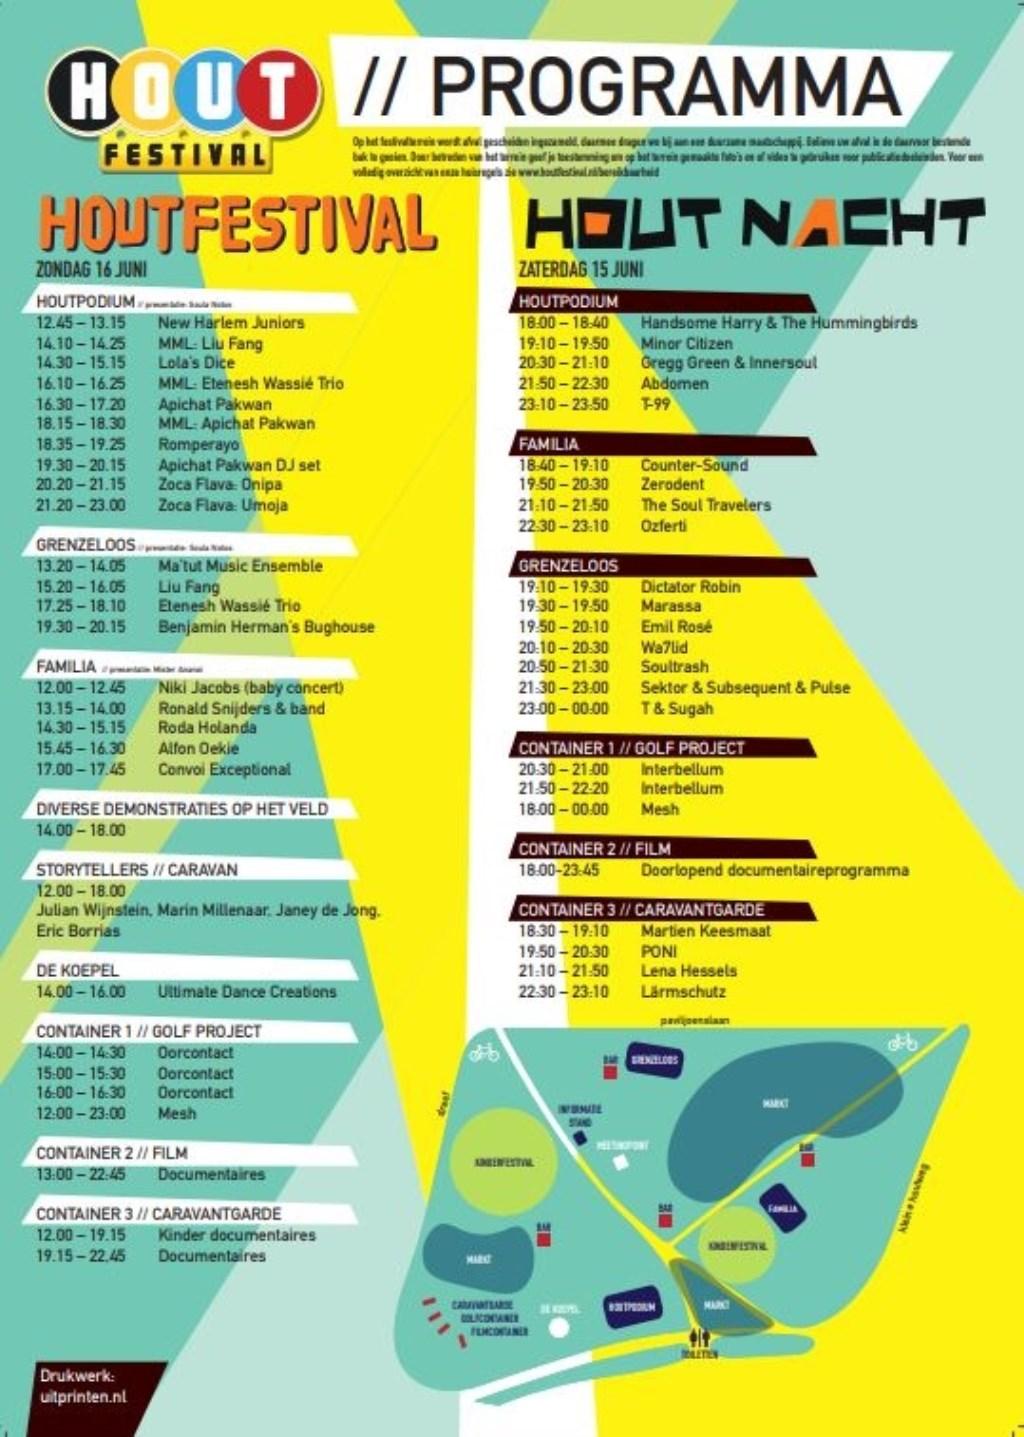 Het programma van de Houtnacht en Houtfestival. (Foto: PR) © rodi